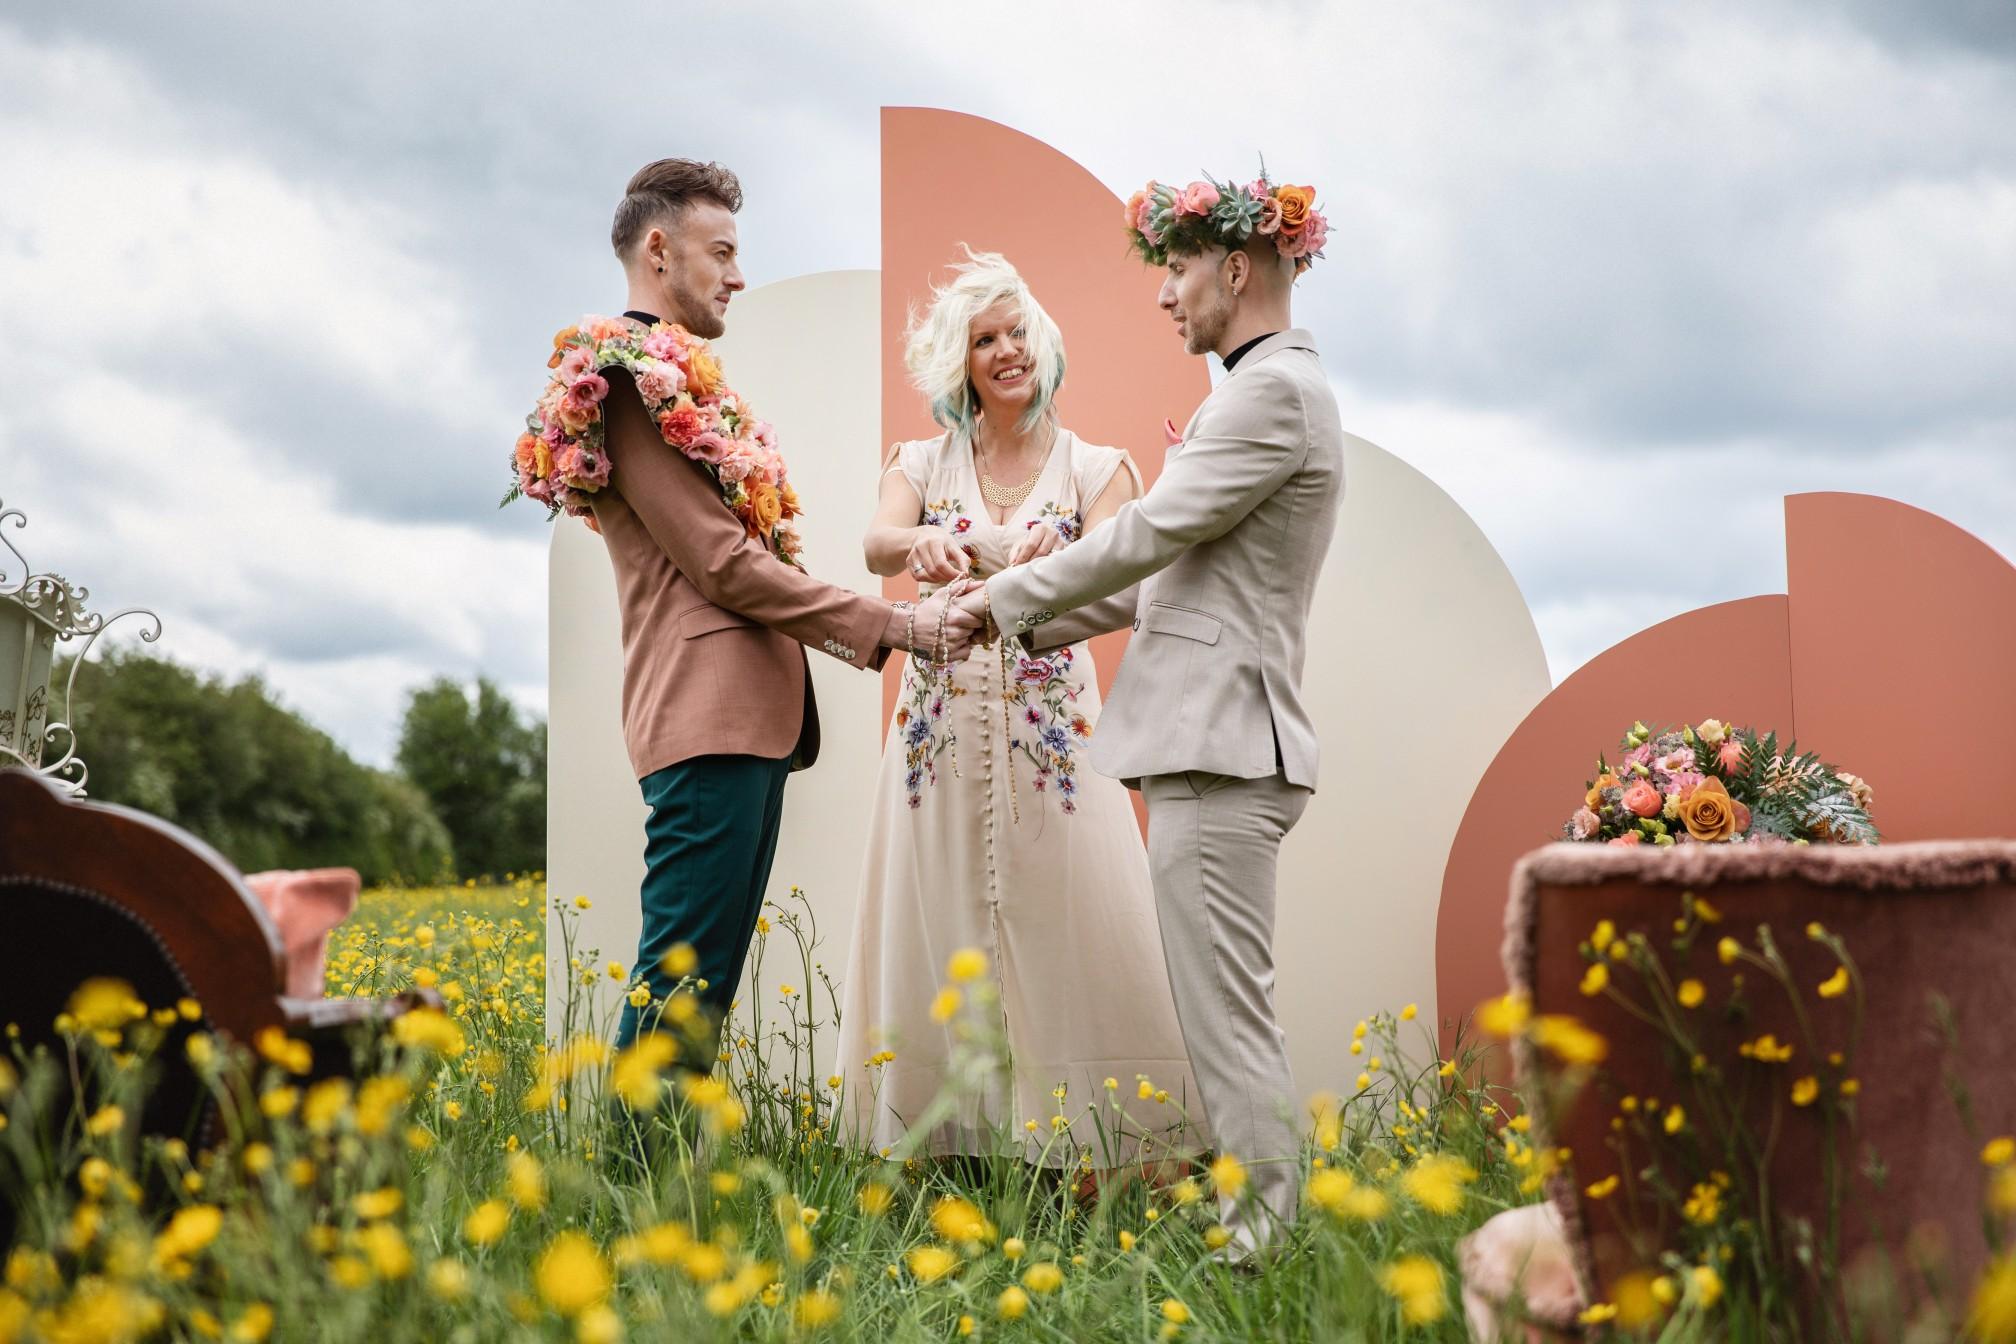 bohemian wedding ceremony - hand fasting wedding ceremony - unique wedding ceremony - wedding ceremony backdrop - gay wedding ideas